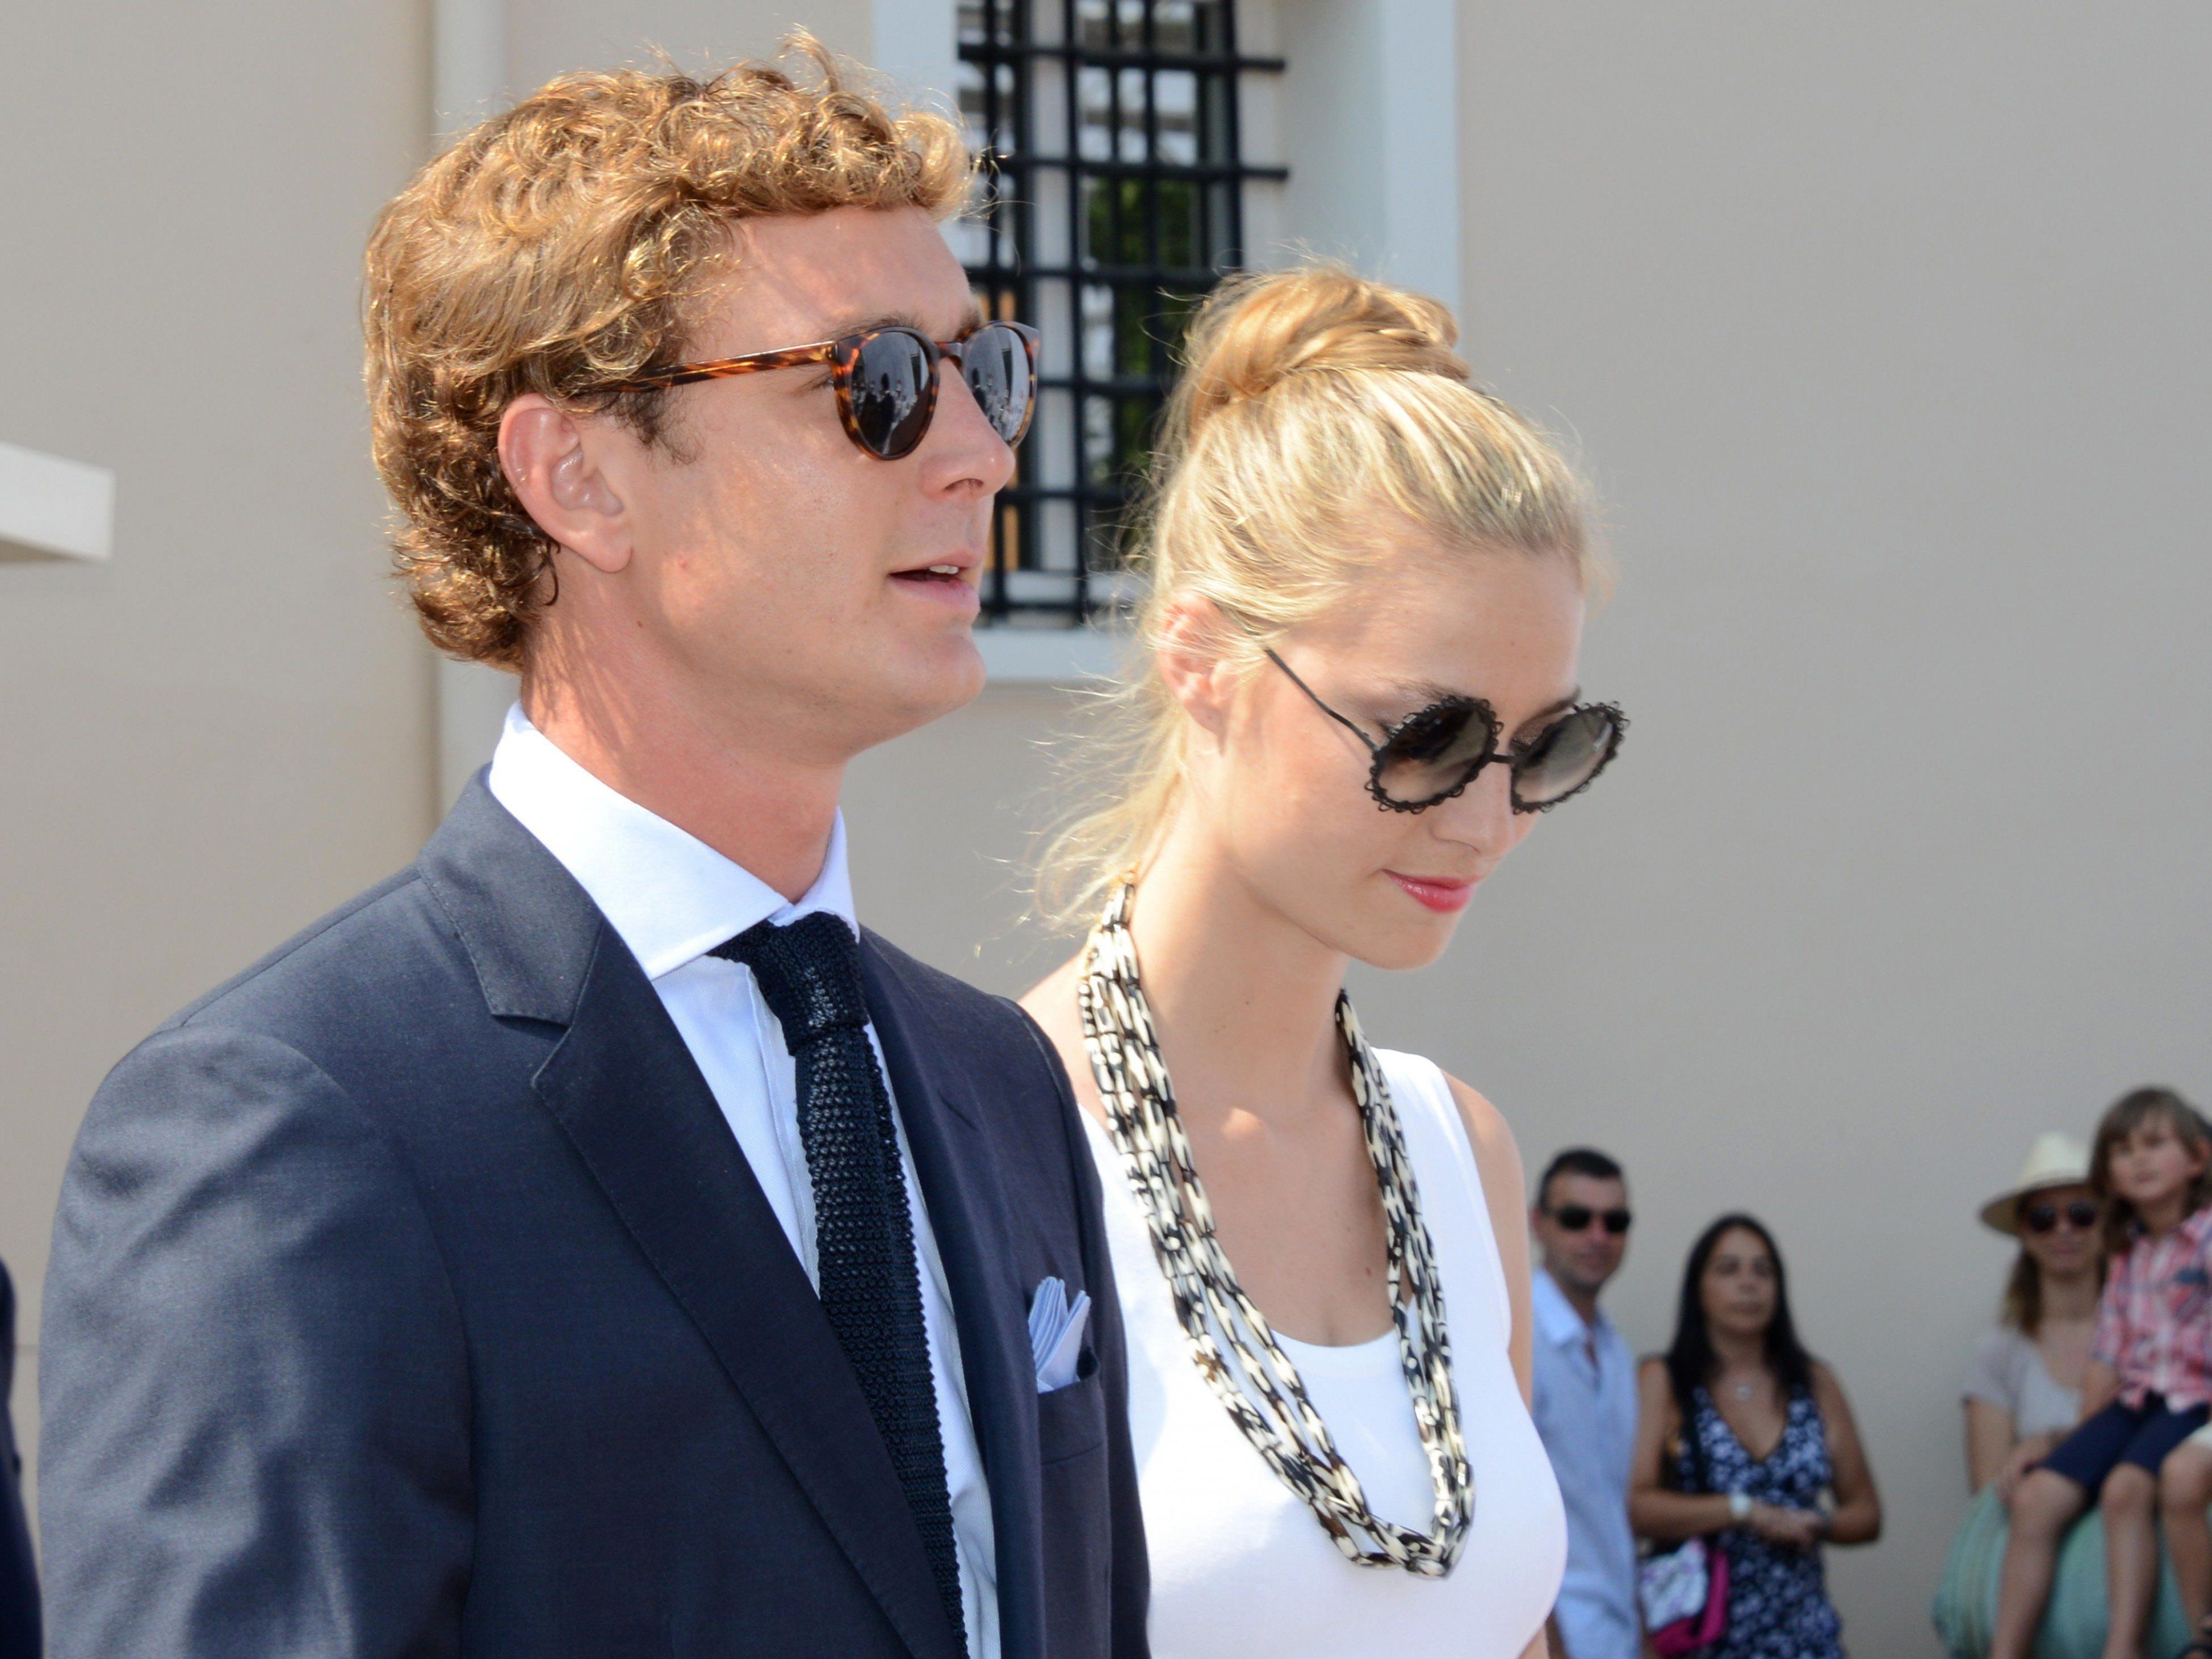 Carolines Sohn Pierre Casiraghi heiratet italienische Adelige